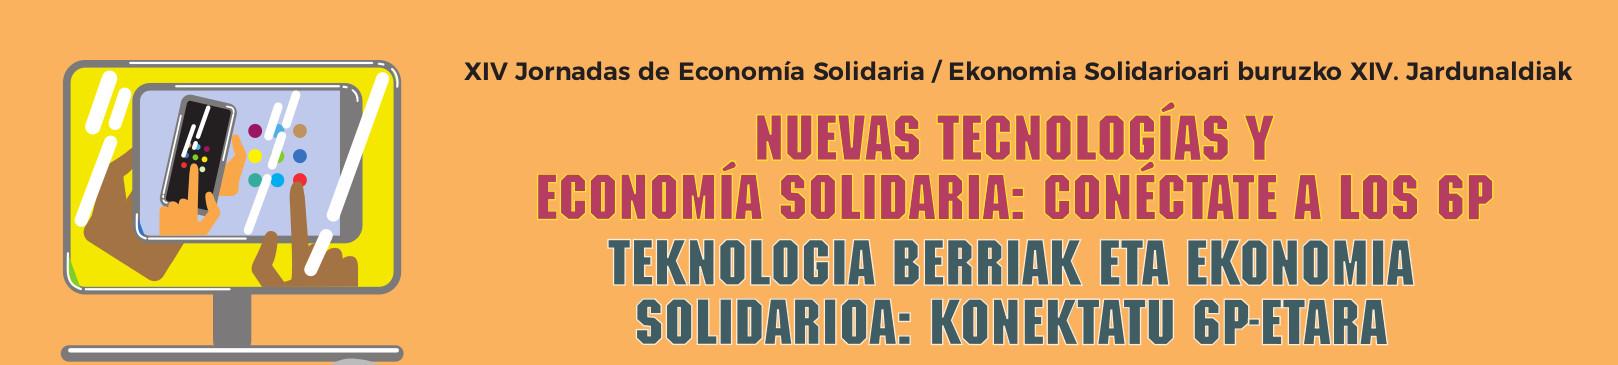 Jornadas 2021 – Nuevas tecnologías y Economía Solidaria